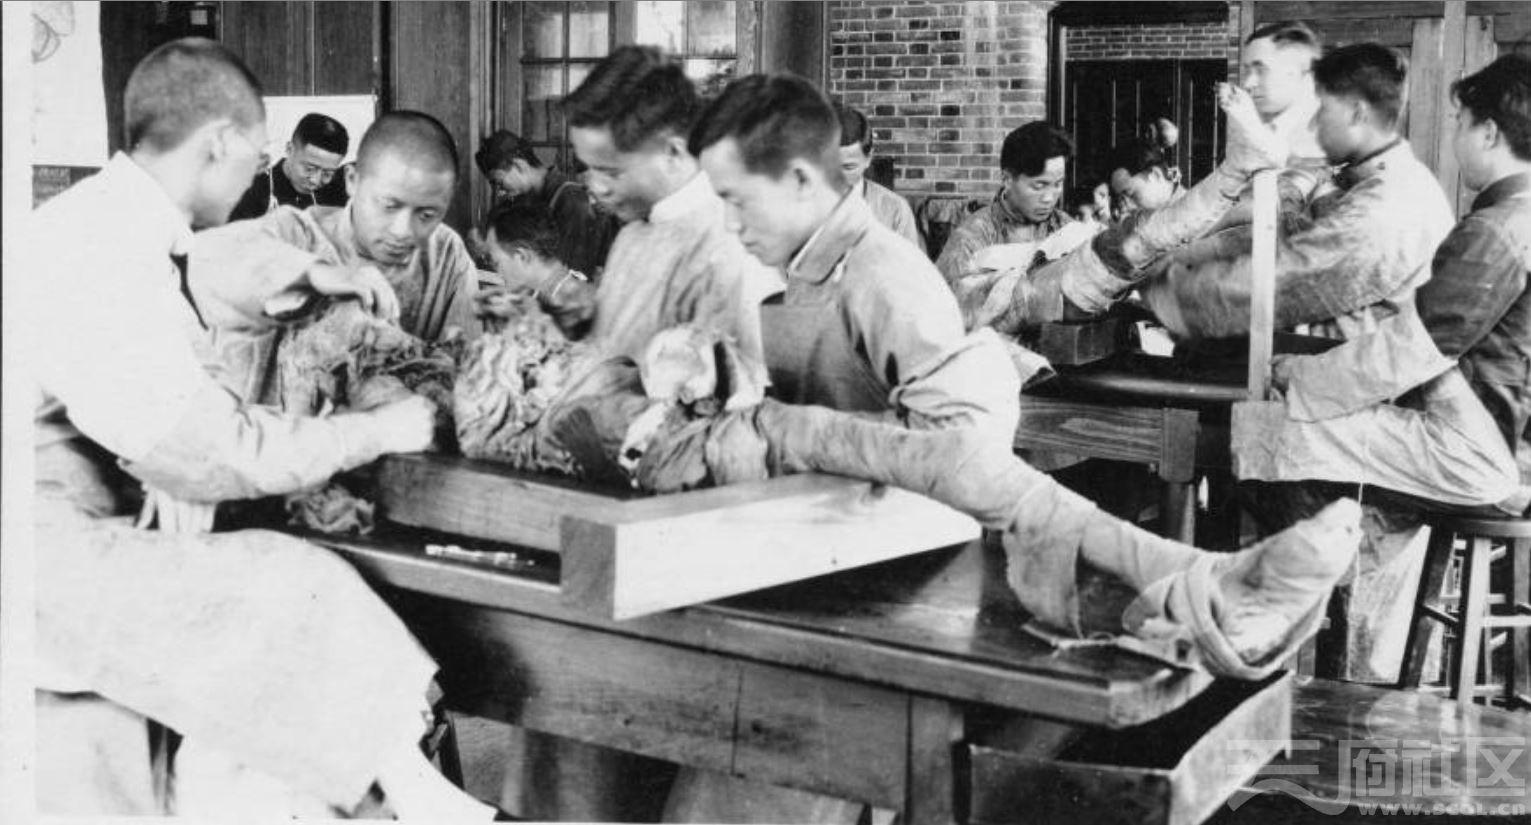 43 华西大学 解剖实验室 ca.1934.JPG